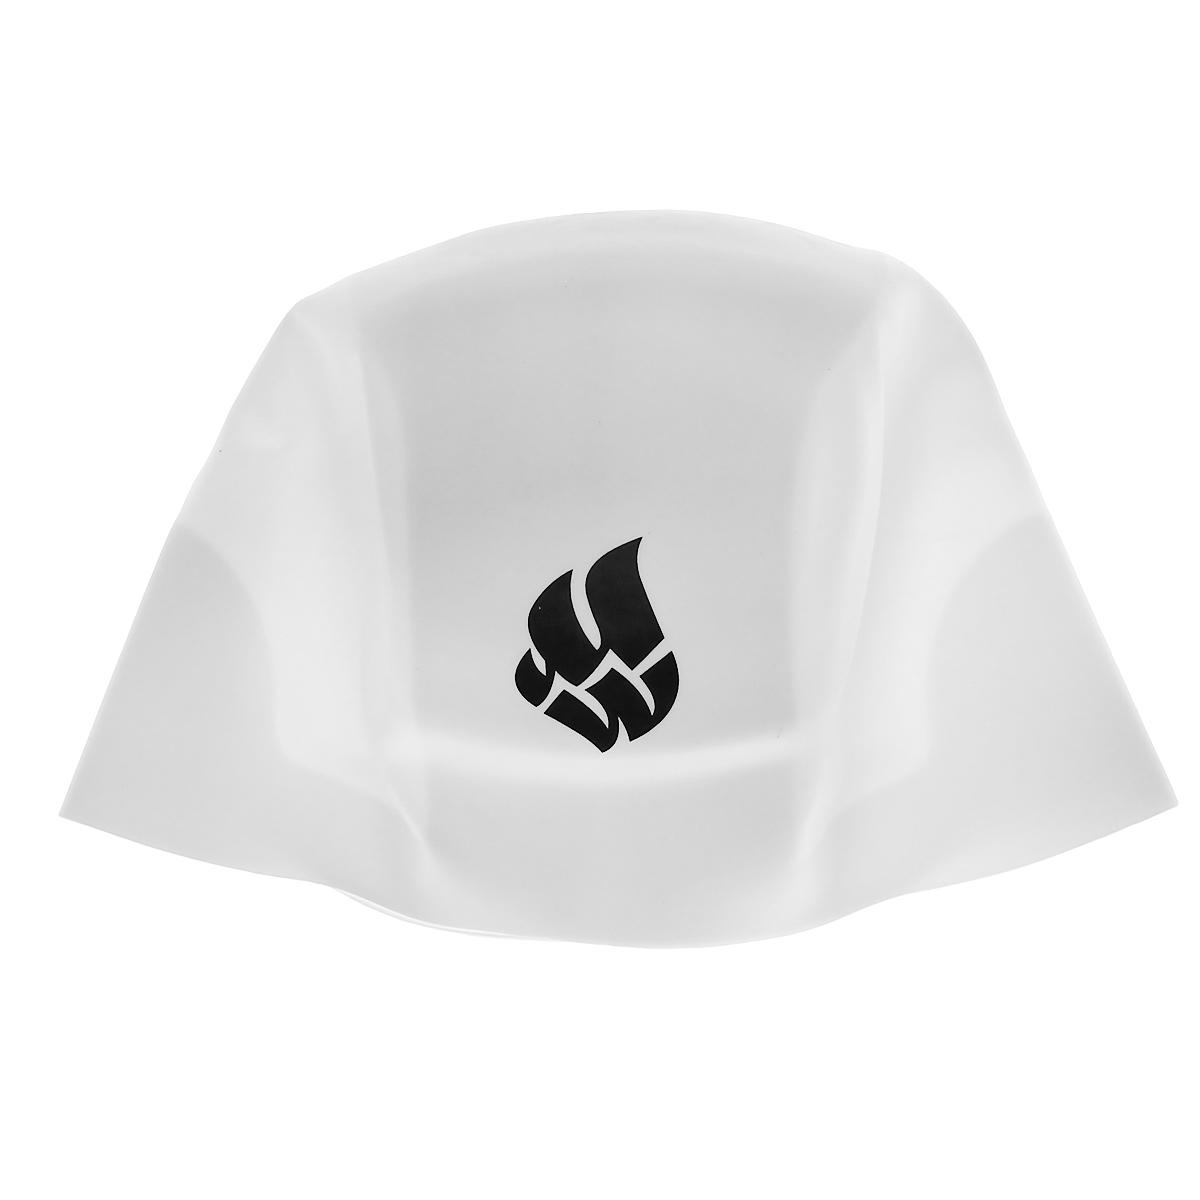 Шапочка для плавания Mad Wave R-Cap Fina Approved L, цвет: белыйTS V-31 NBLШапочка Mad Wave R-Cap Fina Approved L сделана с помощью технологии трехмерного инжектирования. Переменная толщина и эластичность позволяют добиться идеальной посадки. Отлично подойдет для соревнований.